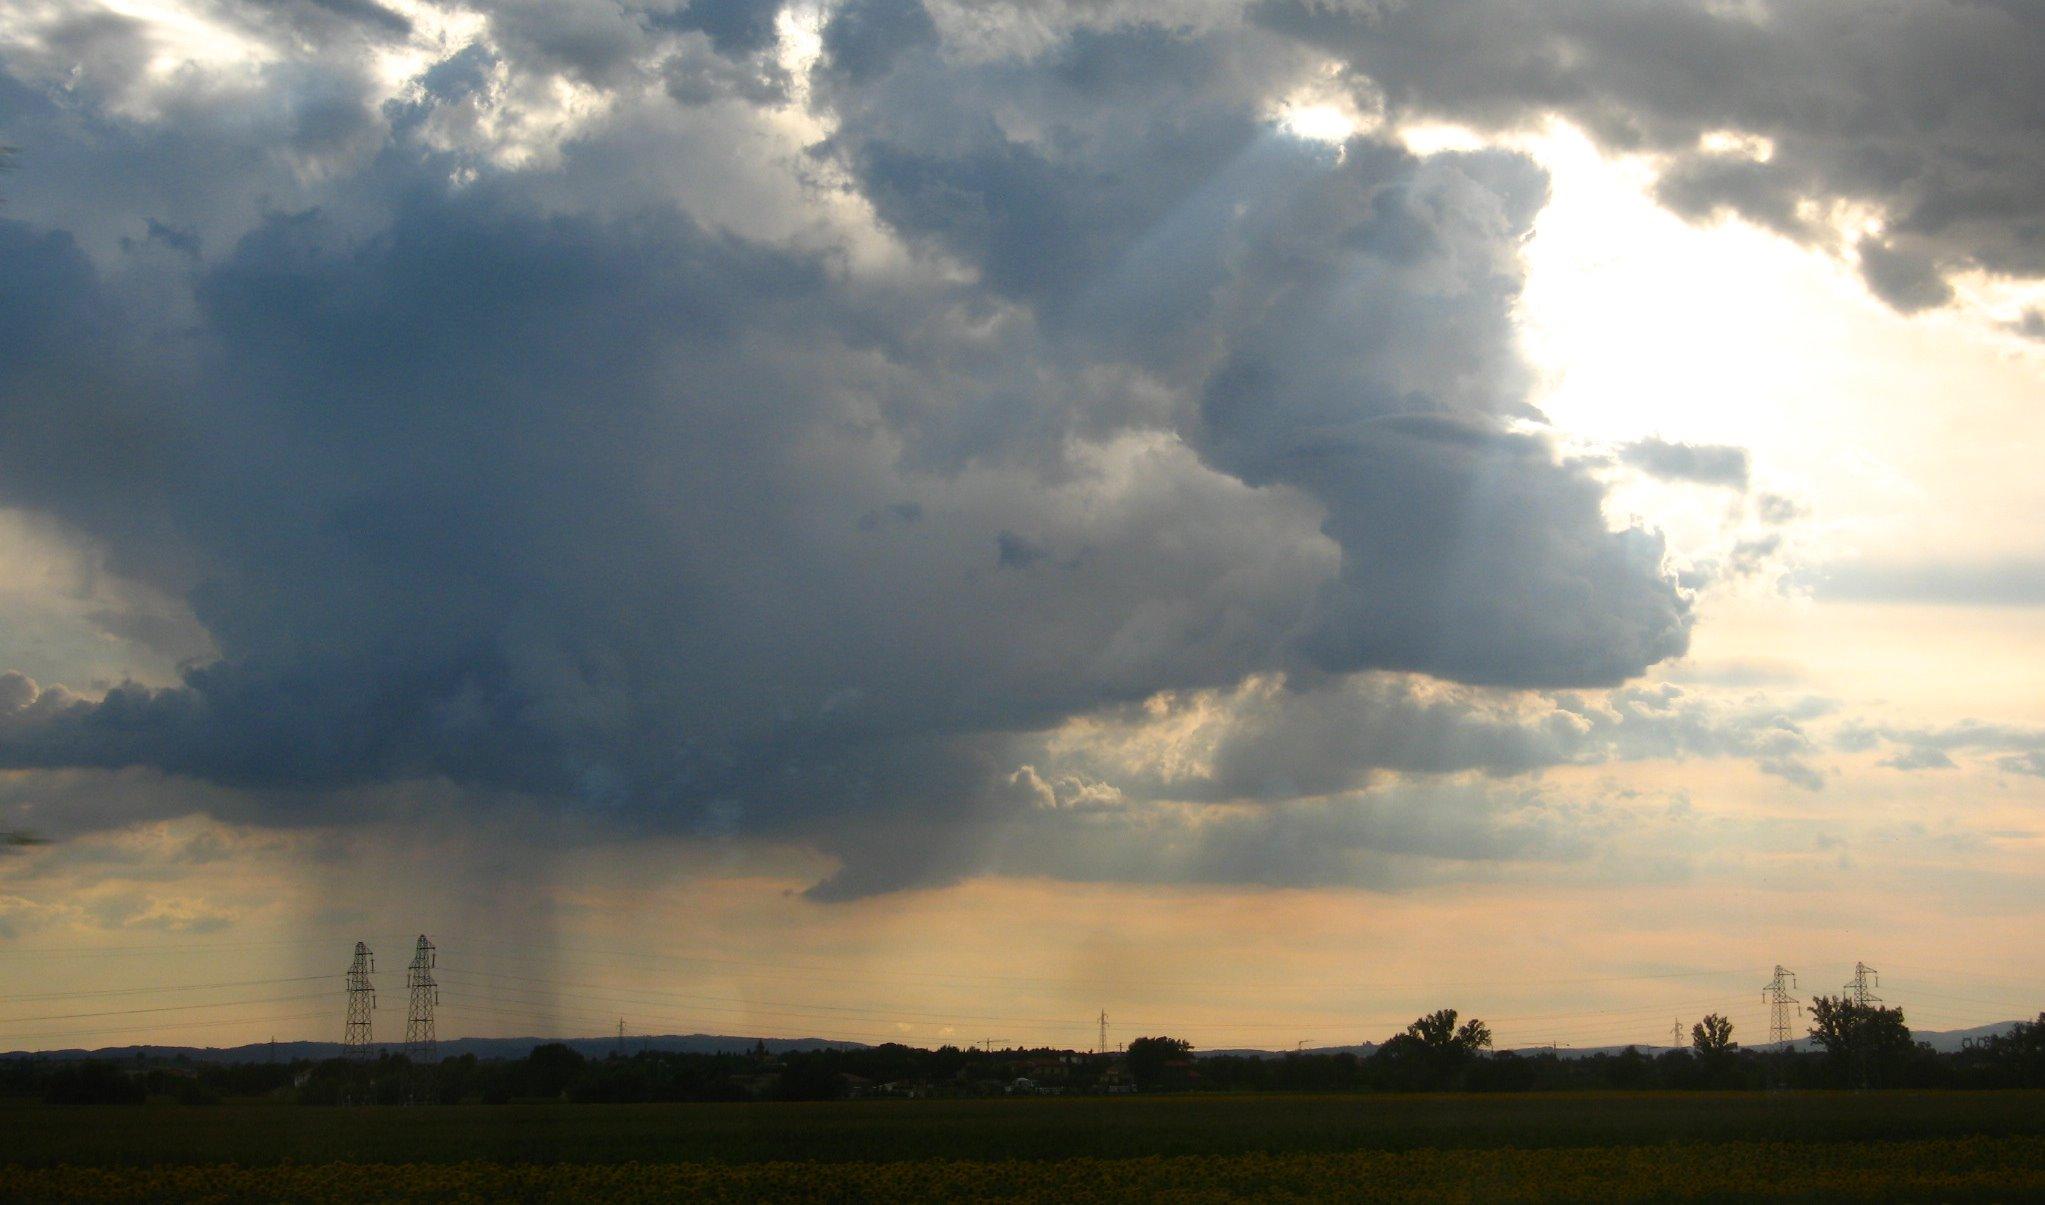 Погода в Саратовской области на сегодня - вторник 27 апреля 2021 года